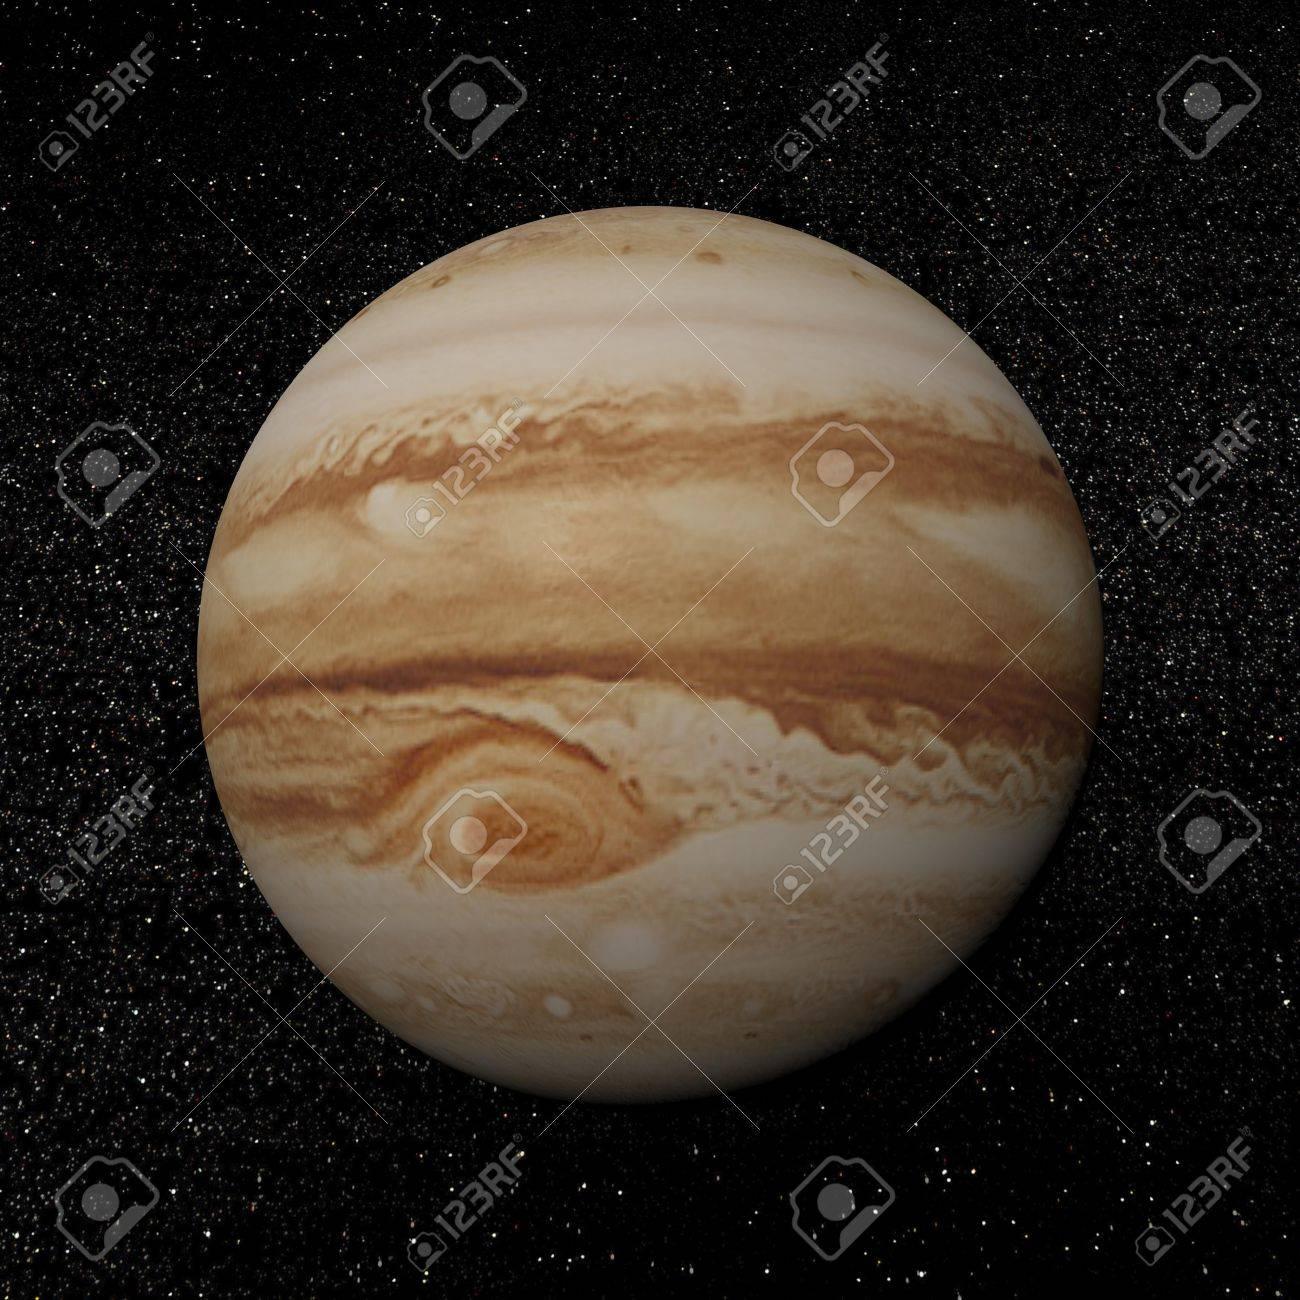 ジュピターの惑星の星のたくさん...